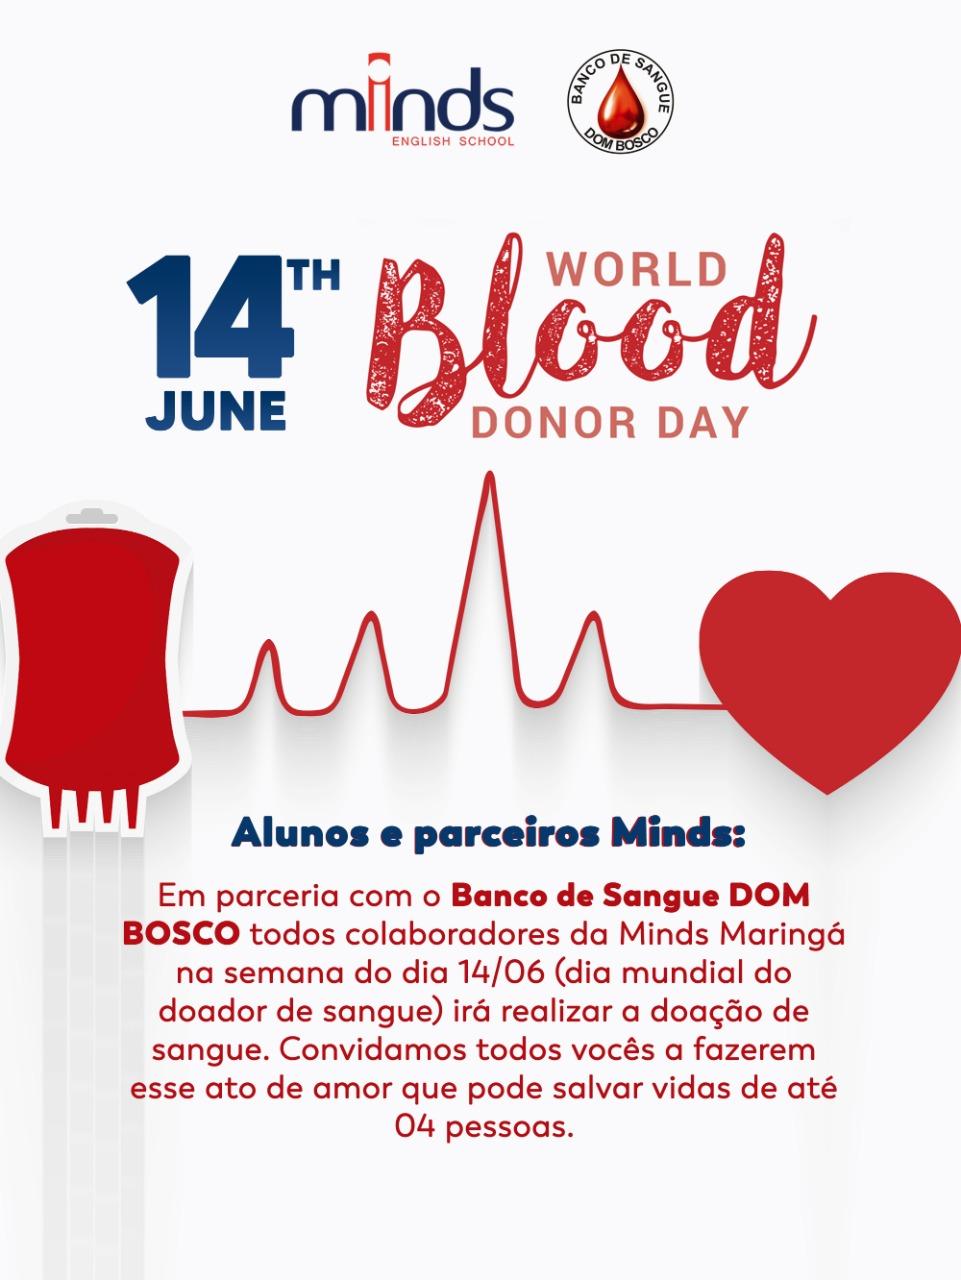 Semana Mundial do Doador de Sangue: Minds Idiomas promove mutirão nacional de doação de sangue